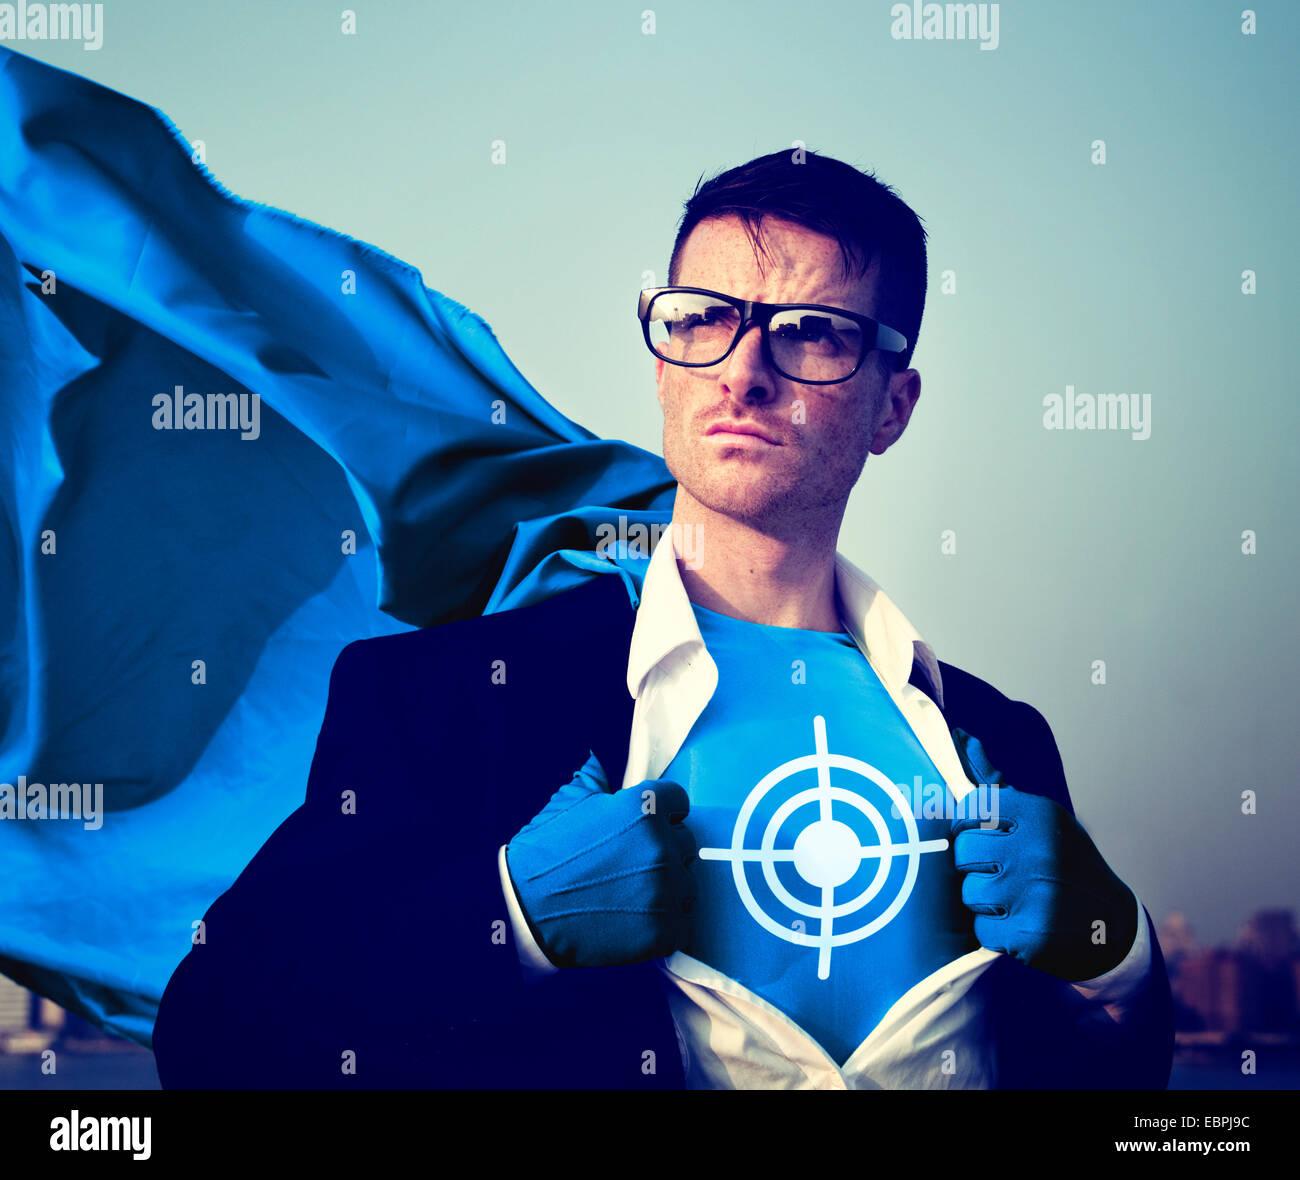 Obiettivo del supereroe di forte successo Empowerment professionale il concetto di stock Immagini Stock